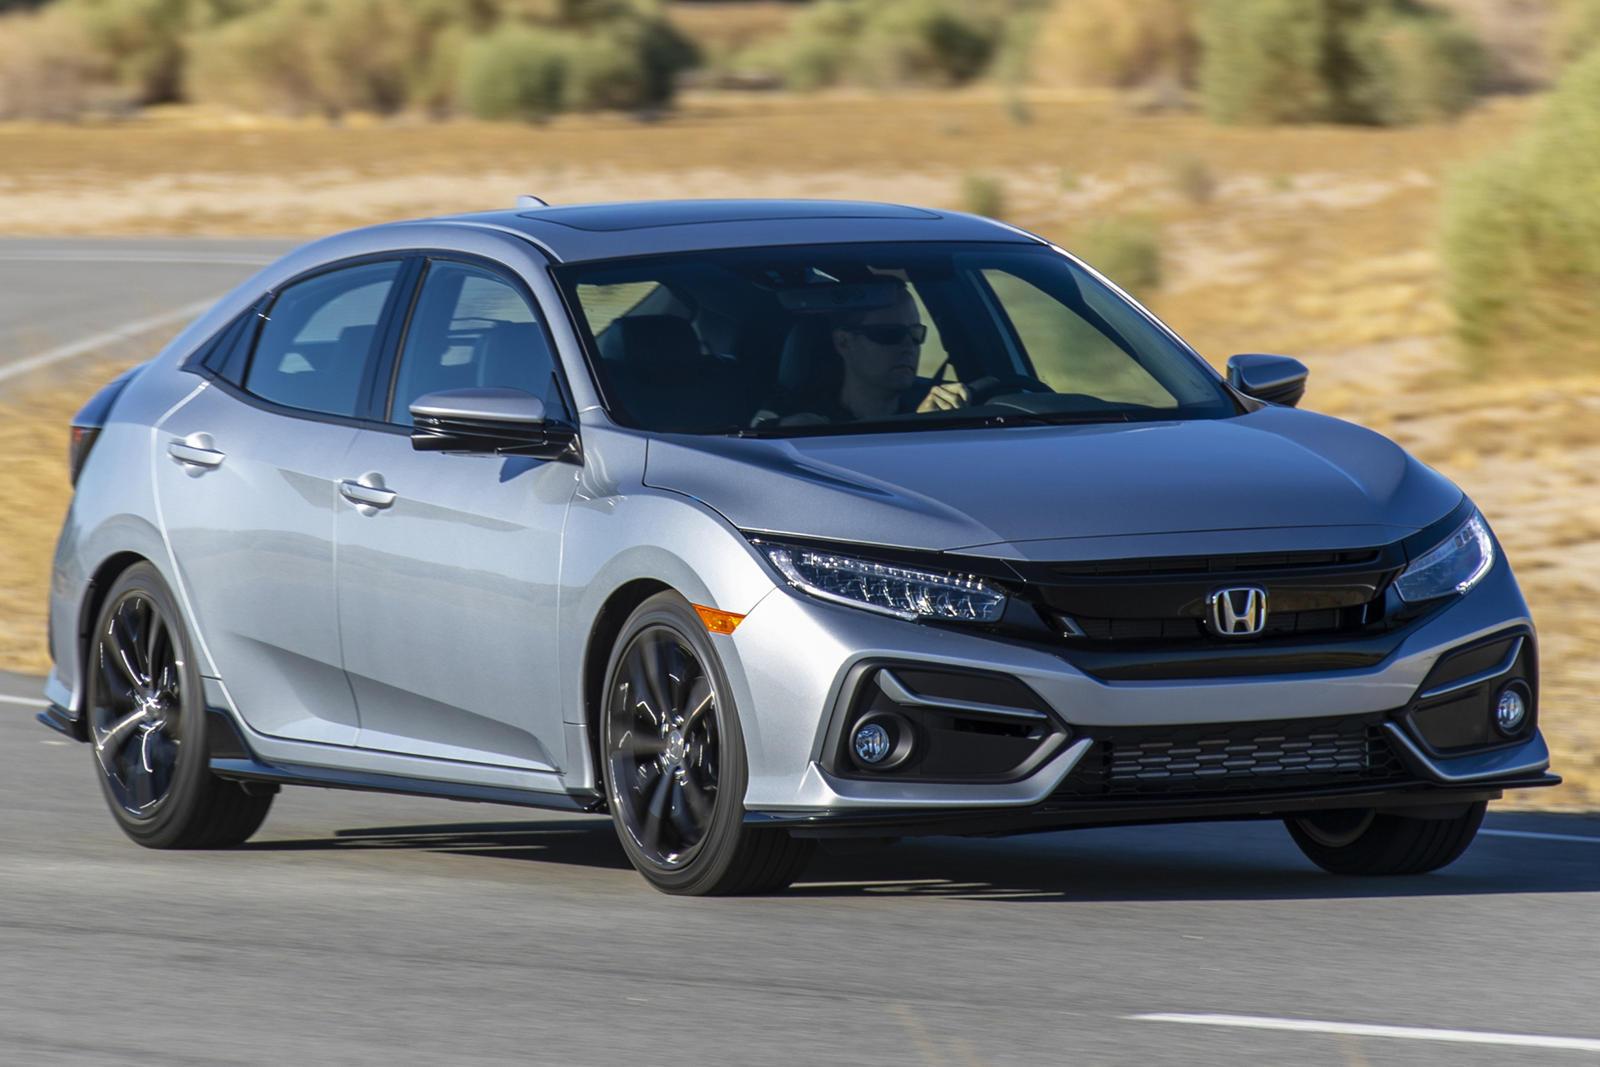 2020 Honda Civic Hatchback Reminds Us Manuals Still Matter